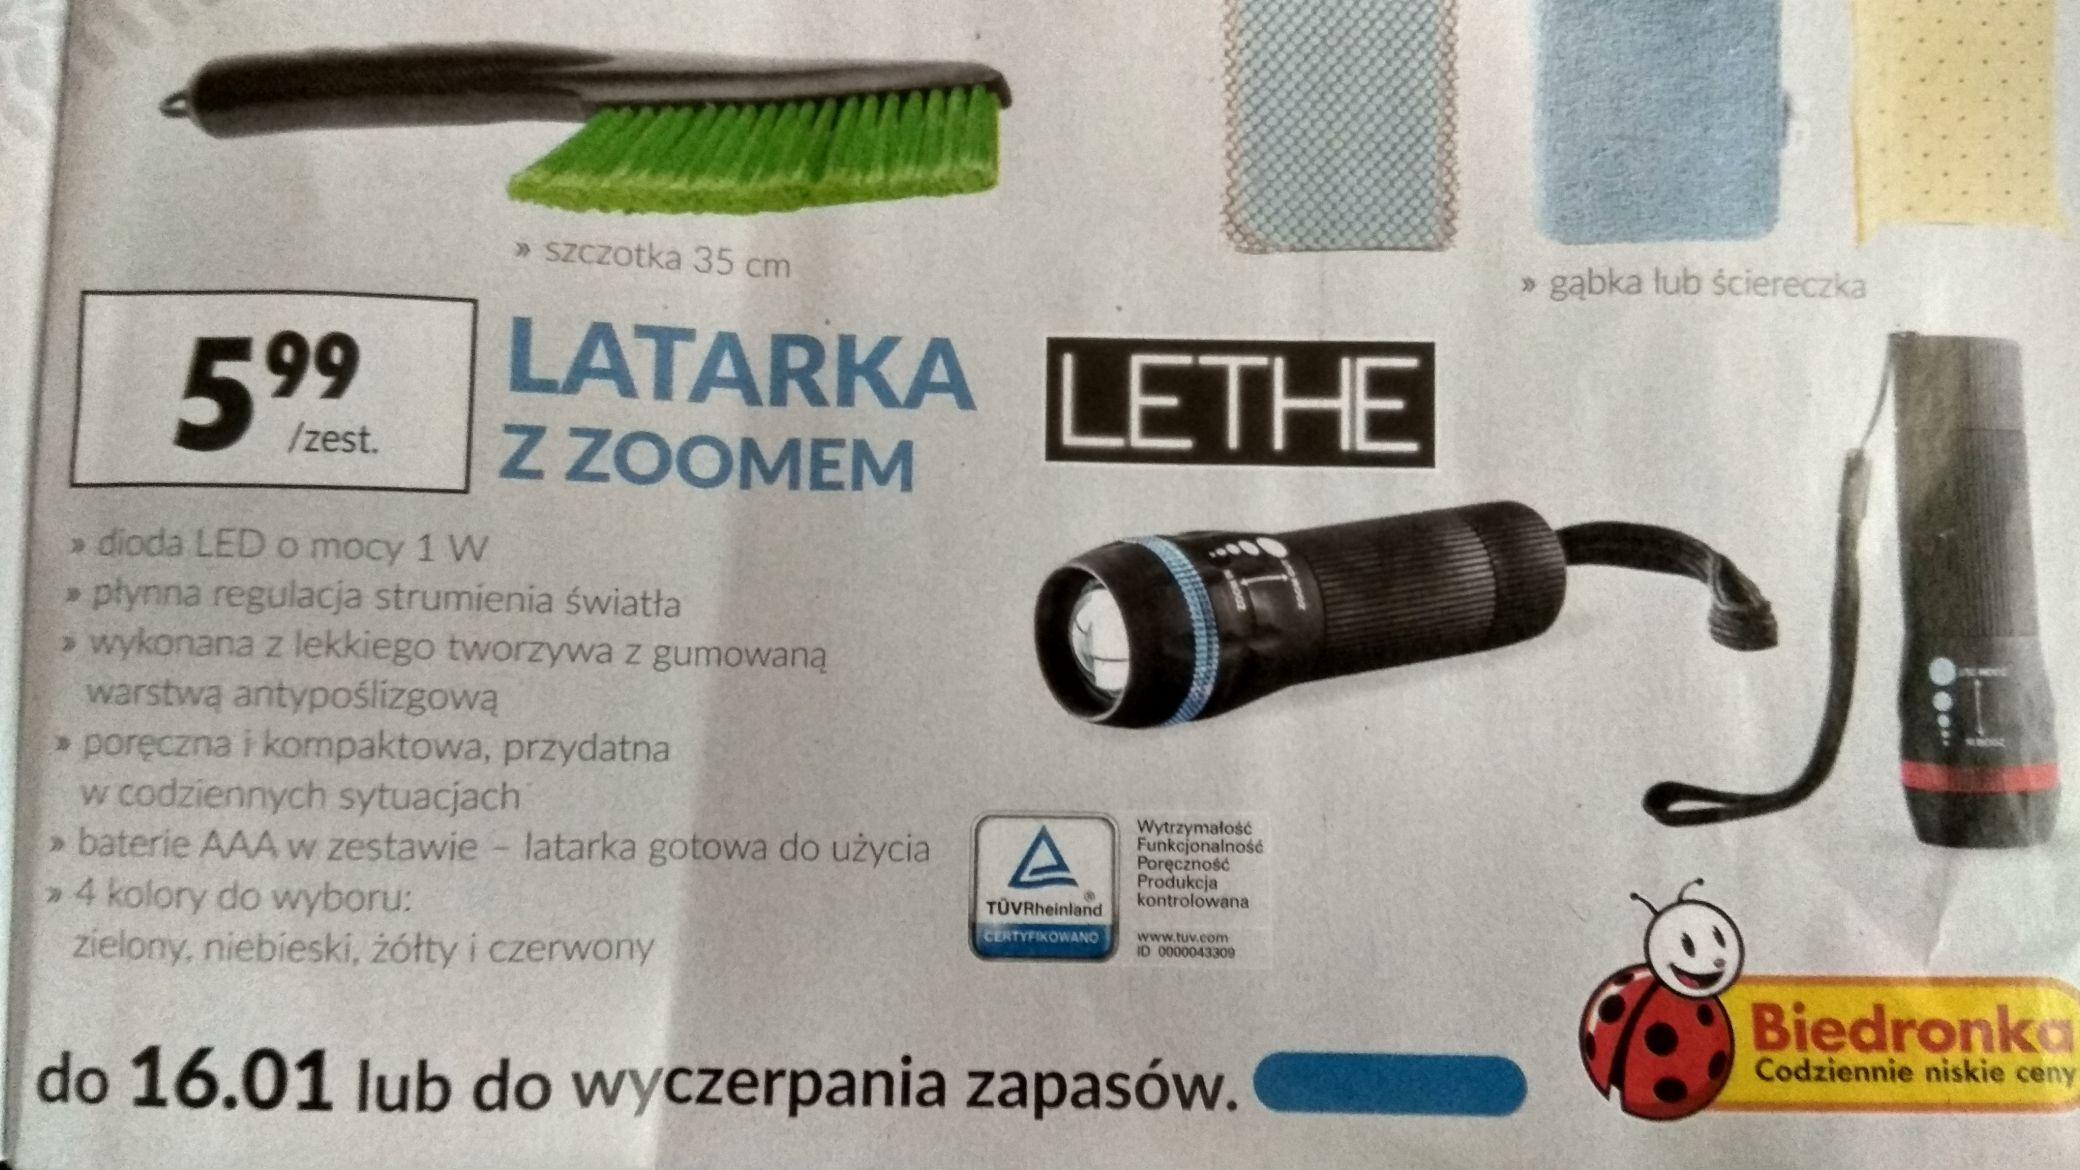 Latarka LED z zoomem (baterie w komplecie)  Biedronka 5,99pln